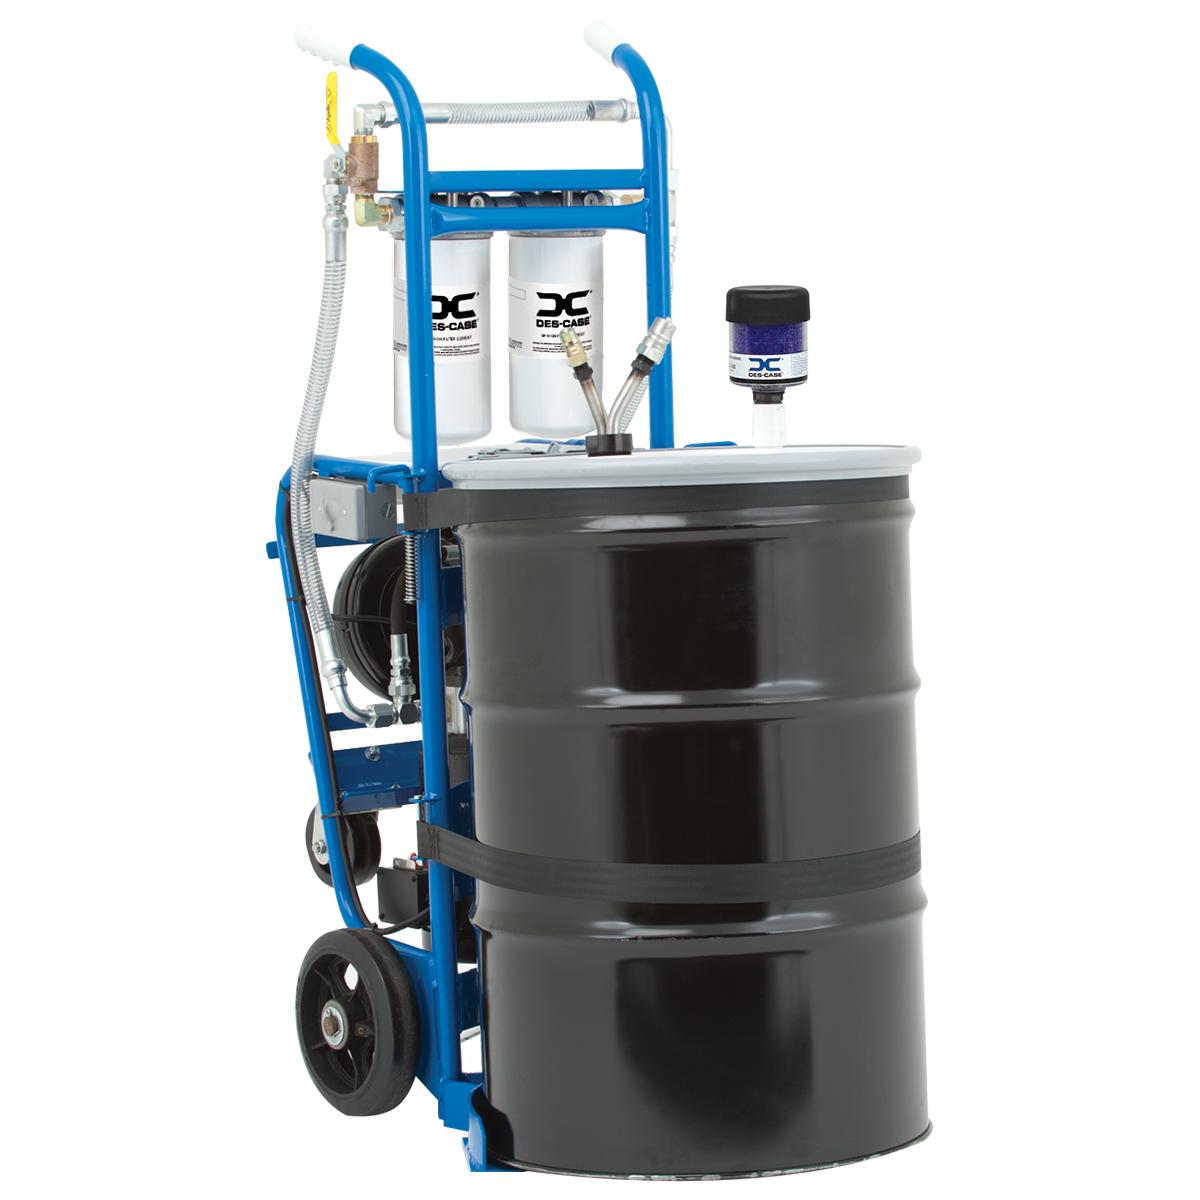 Des-Case Drum Filter Cart1.1